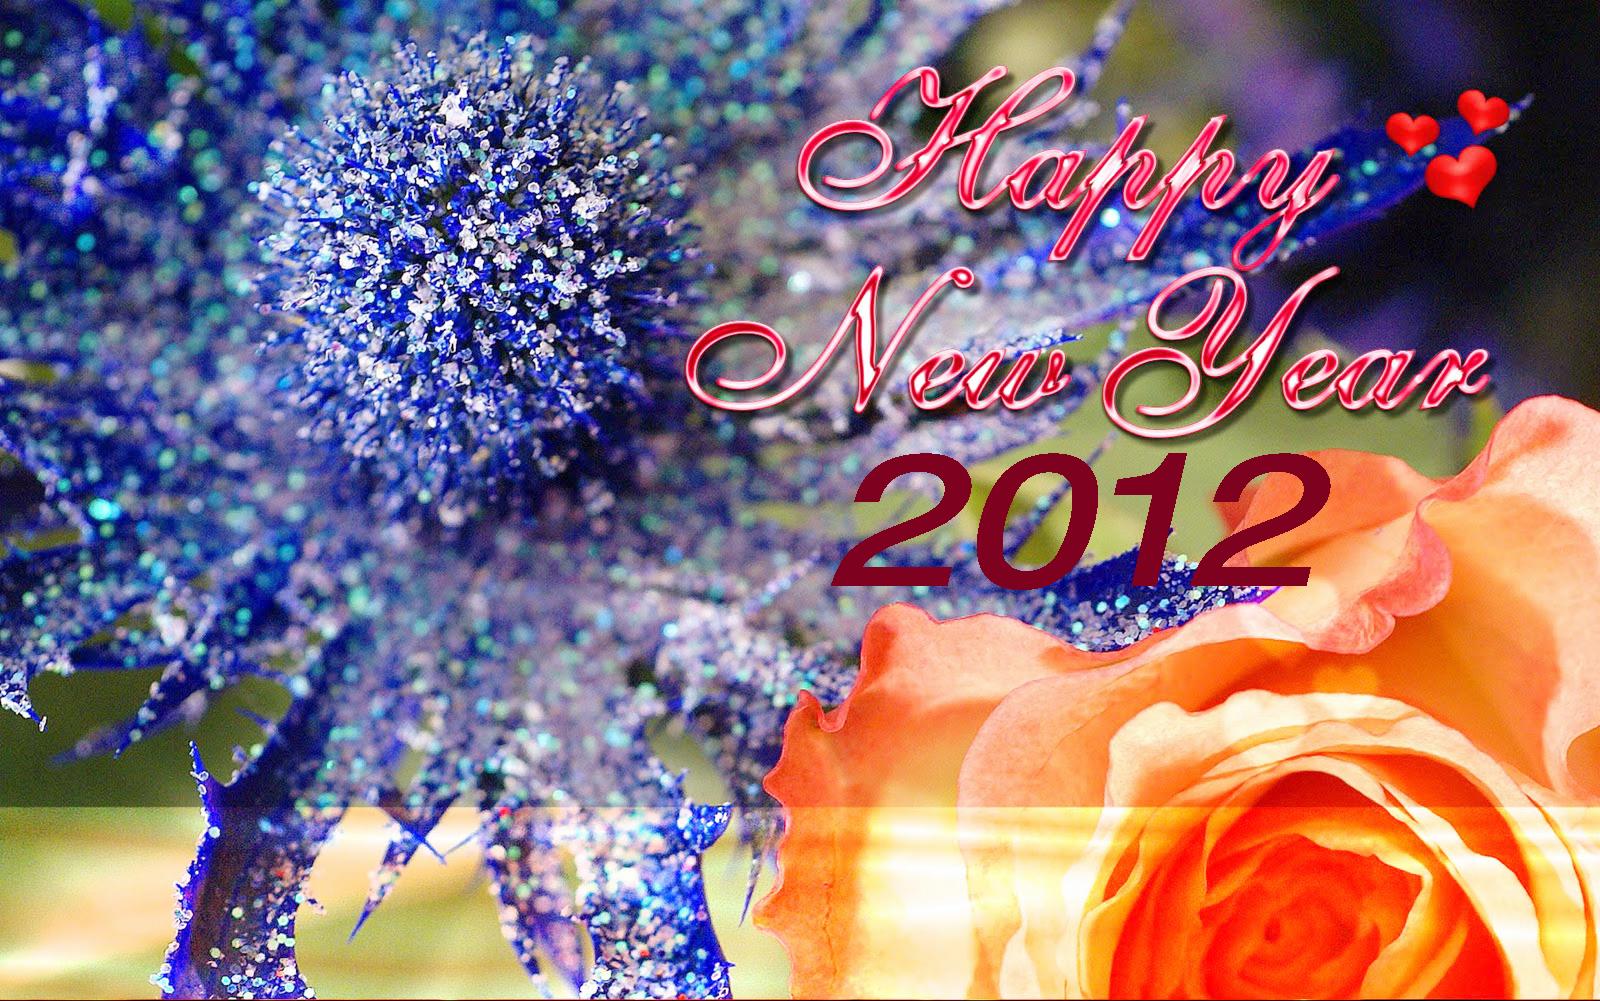 http://1.bp.blogspot.com/--XitO22TjG4/TtNDztAa_5I/AAAAAAAABnE/oC7LAkbfrus/s1600/New+Year+%252815%2529.jpg